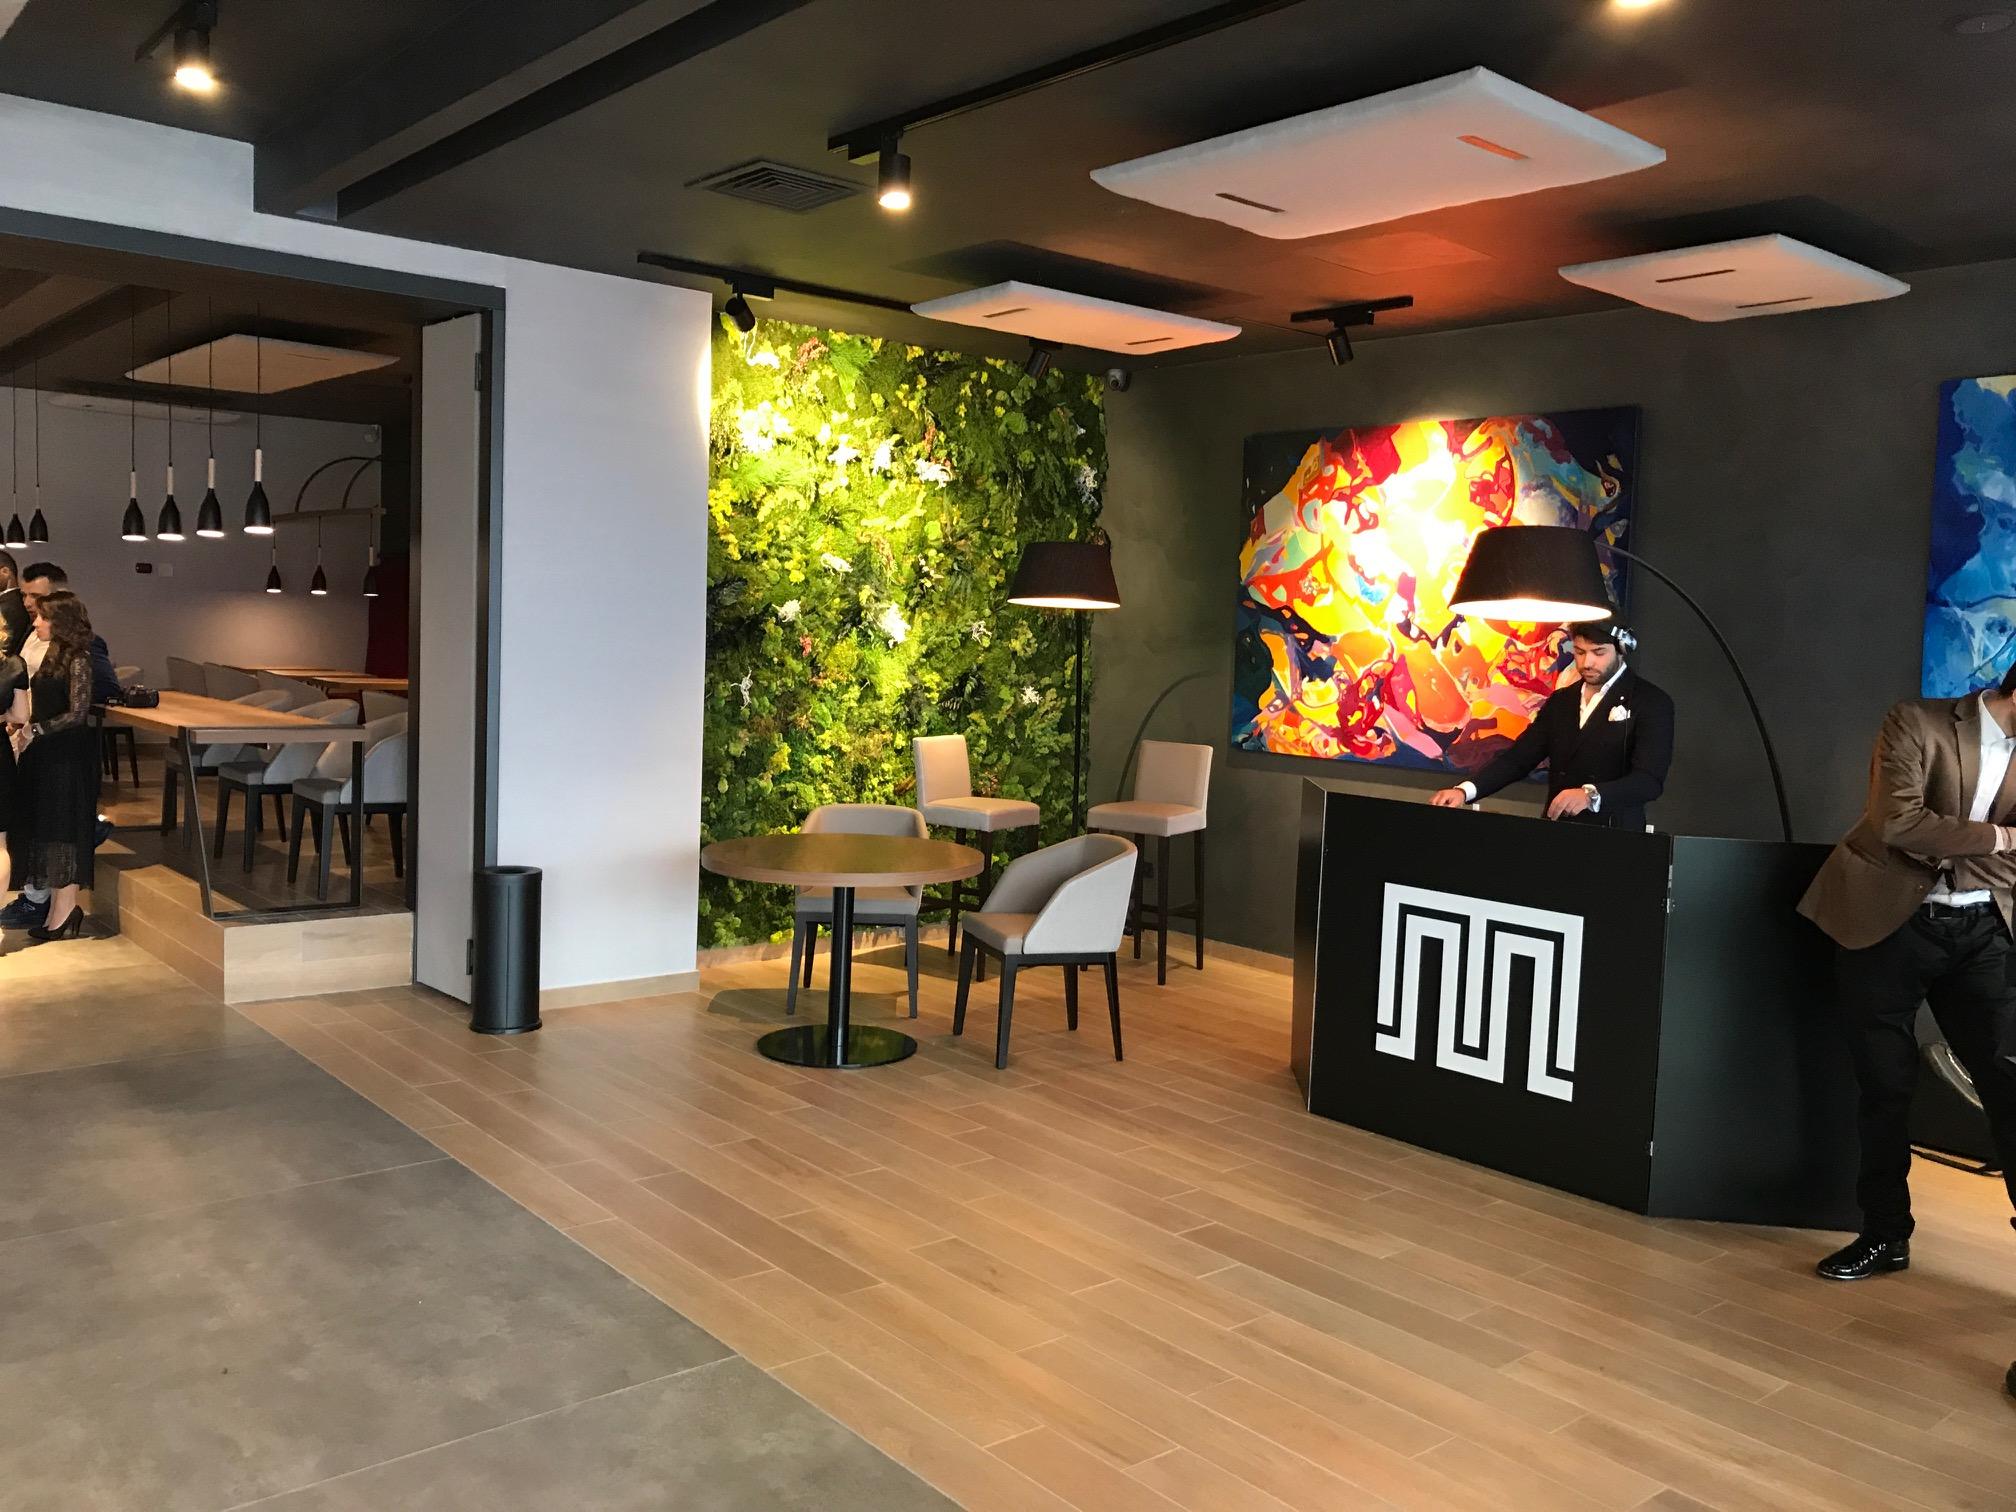 MM Lounge restaurant: Party inaugurale esclusivo a Torre del Greco